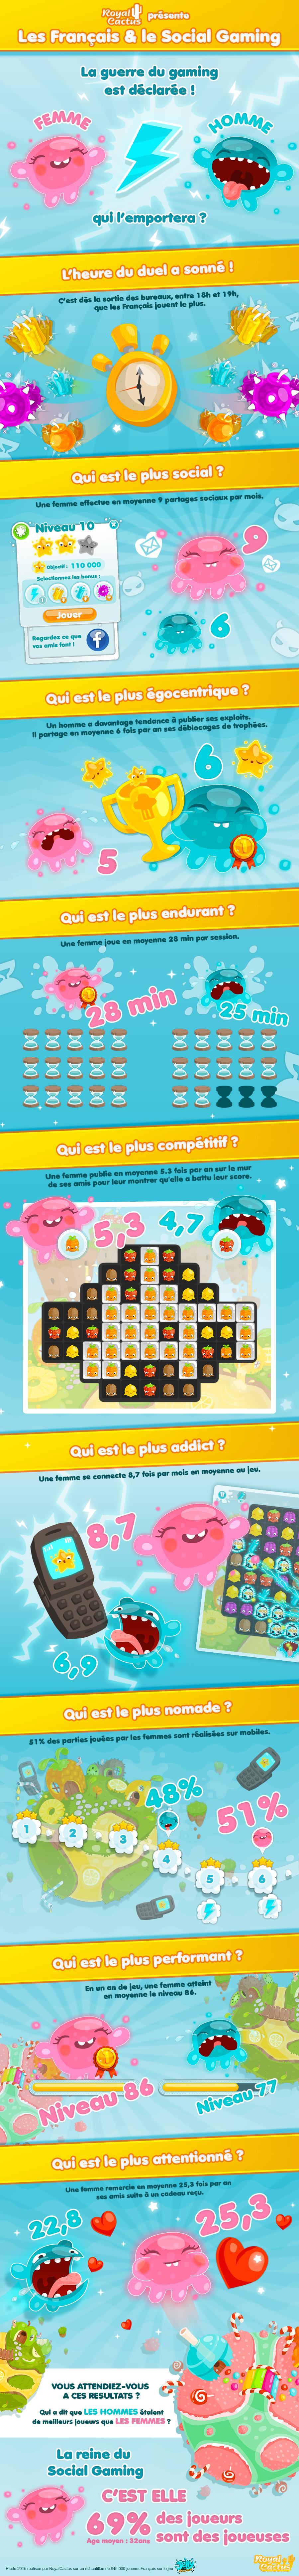 Infographie Les Français & le Social Gaming